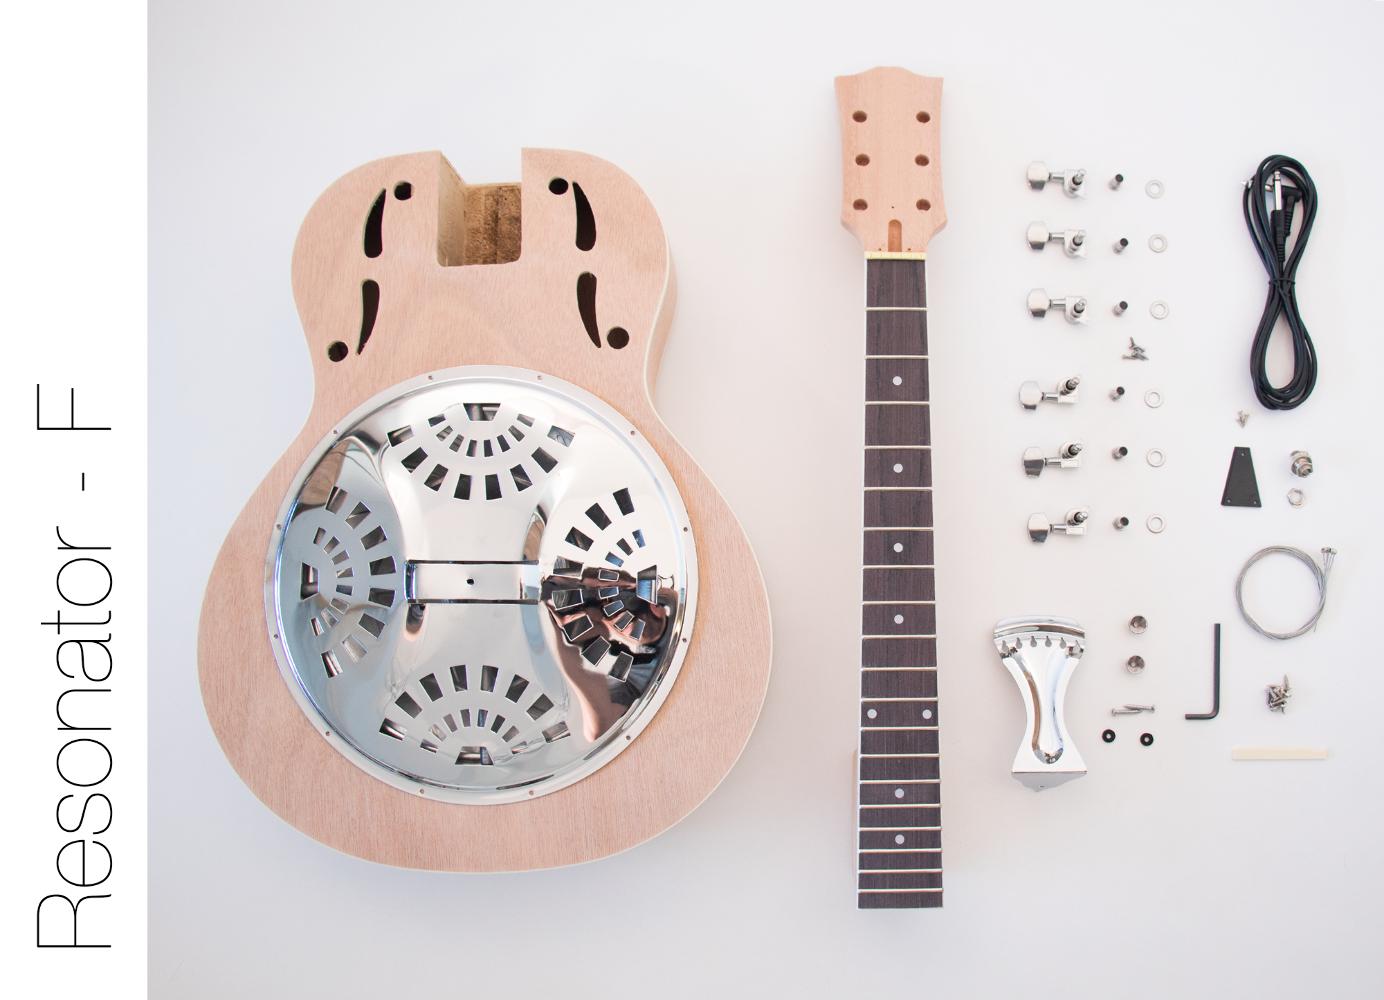 Diy Guitar Kit Resonator Guitar Acoustic Kit Ideas Of Acoustic Guitar Acousticguitar Resonator Guitar Guitar Kits Electric Guitar Kits